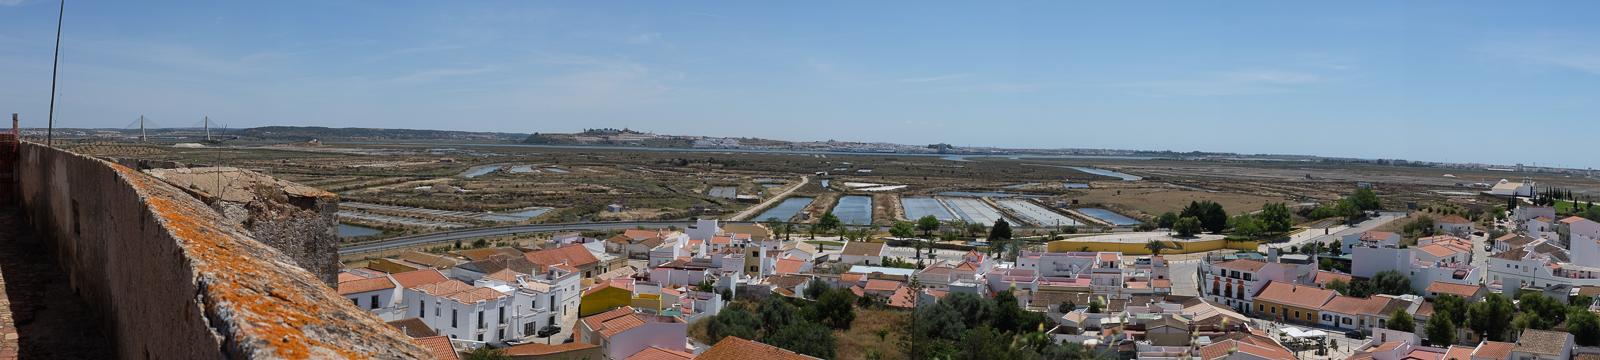 Dag05-Algarve-007-DSCF1818